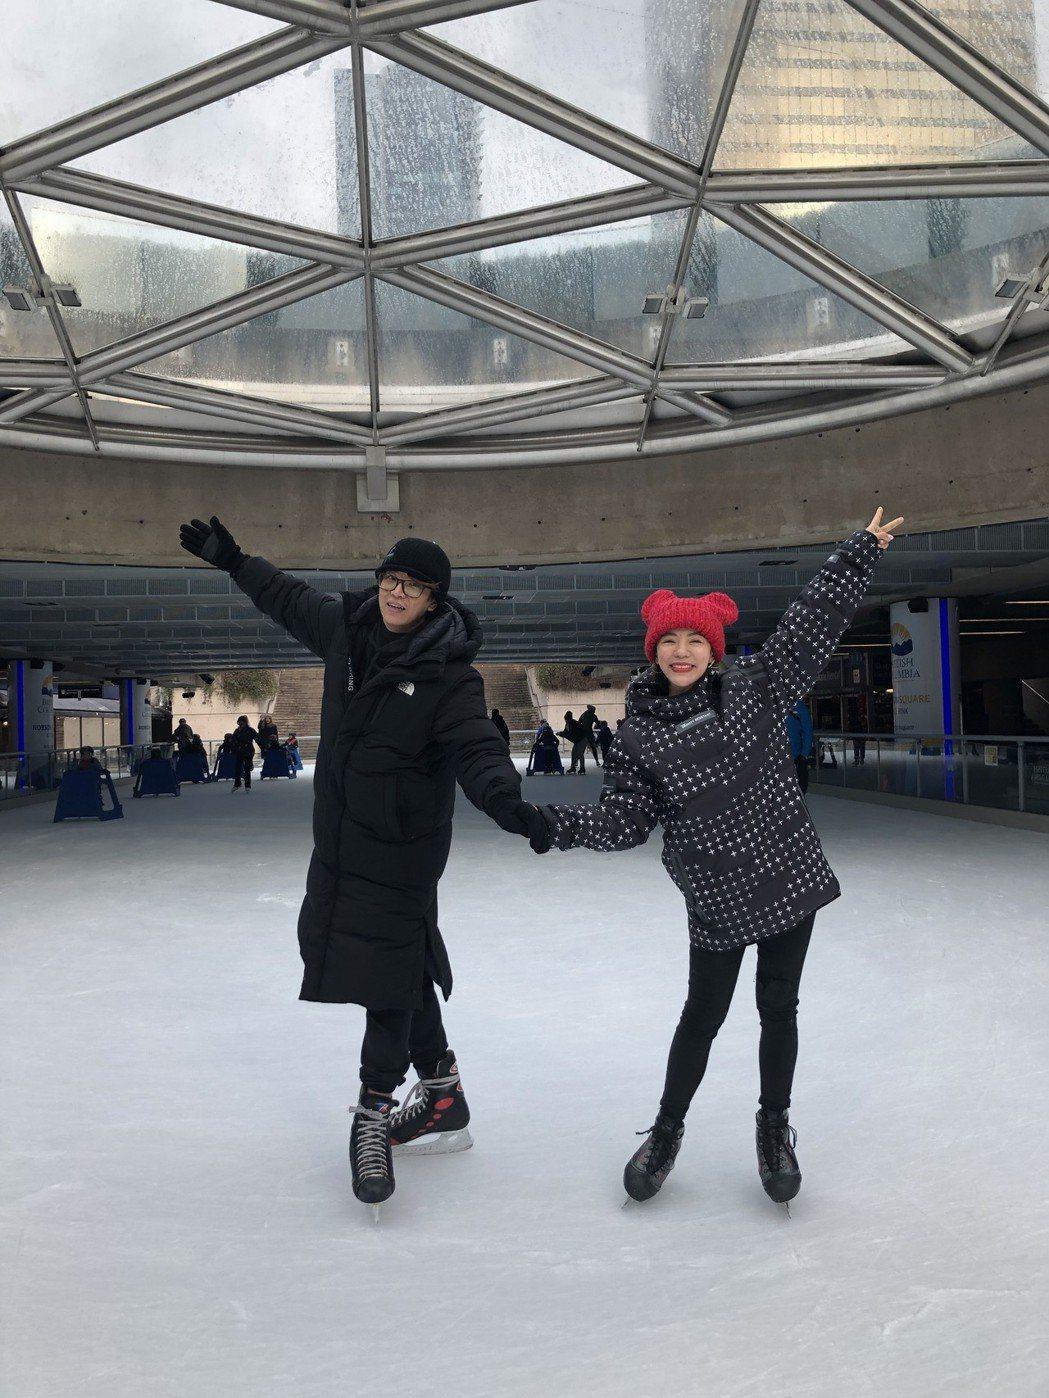 丁噹(右)和阿弟趁著空檔挑戰滑冰。圖/相信提供